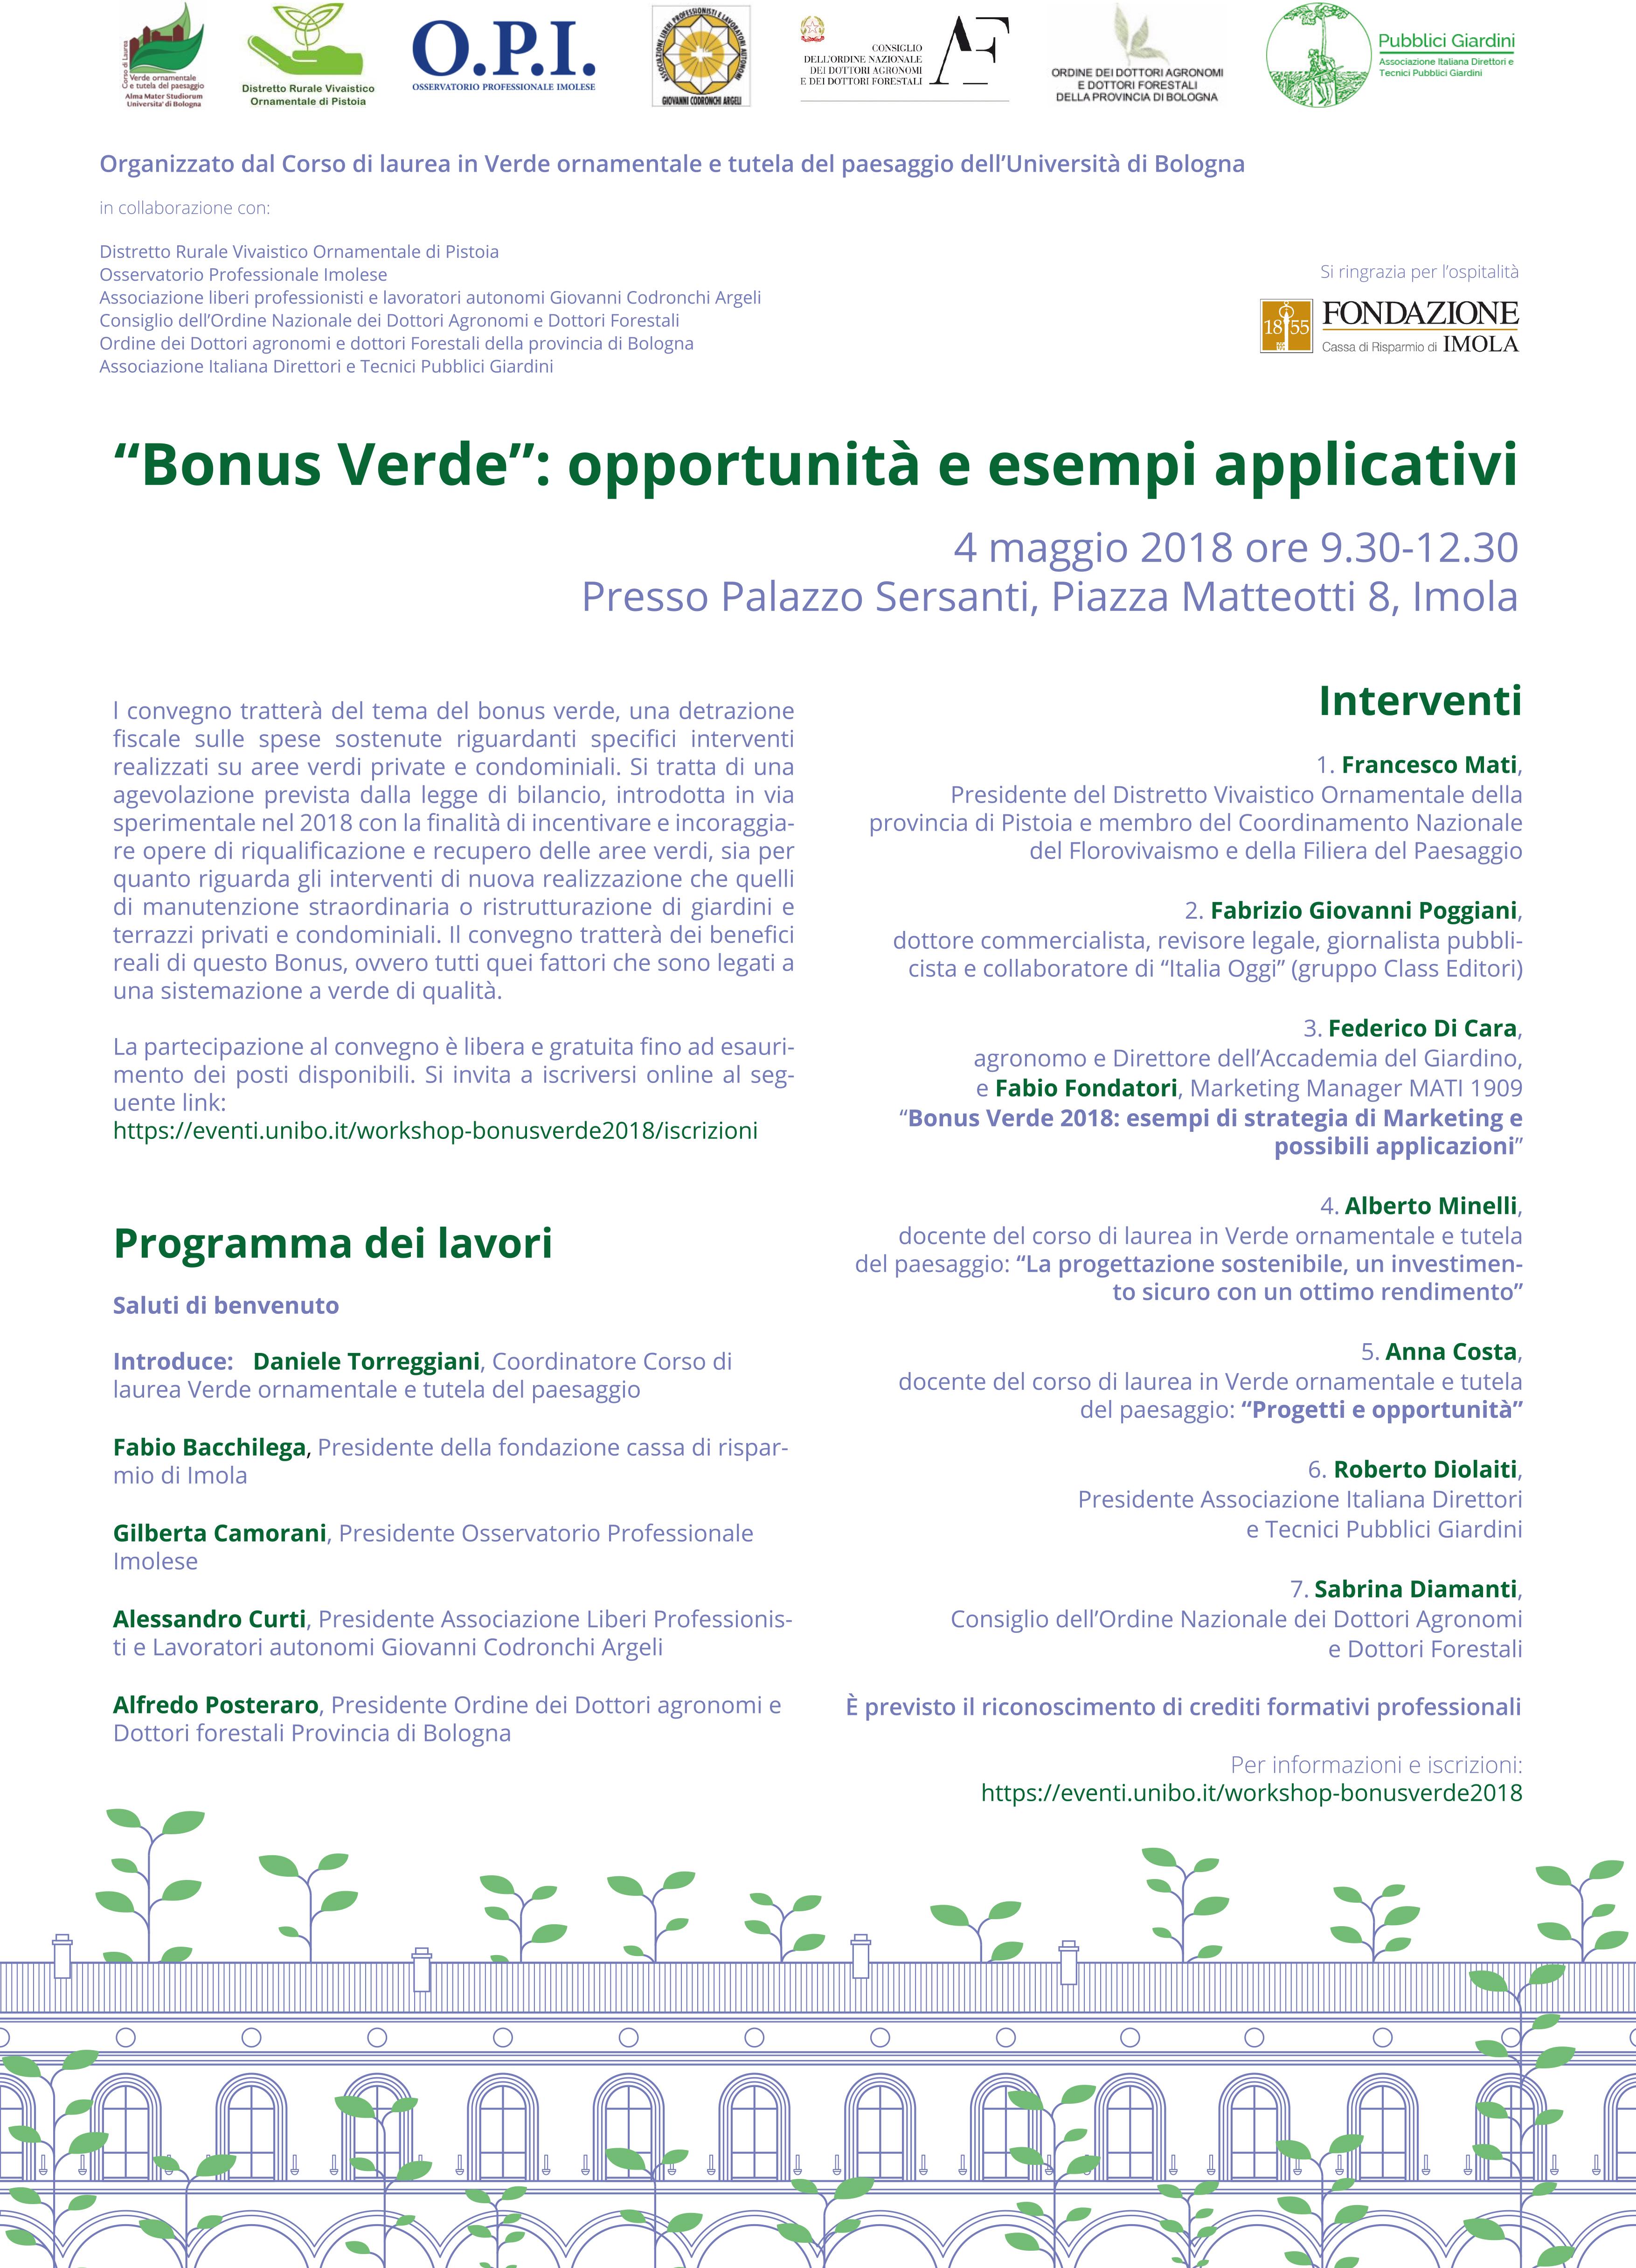 Convegno-4-Maggio-Imola